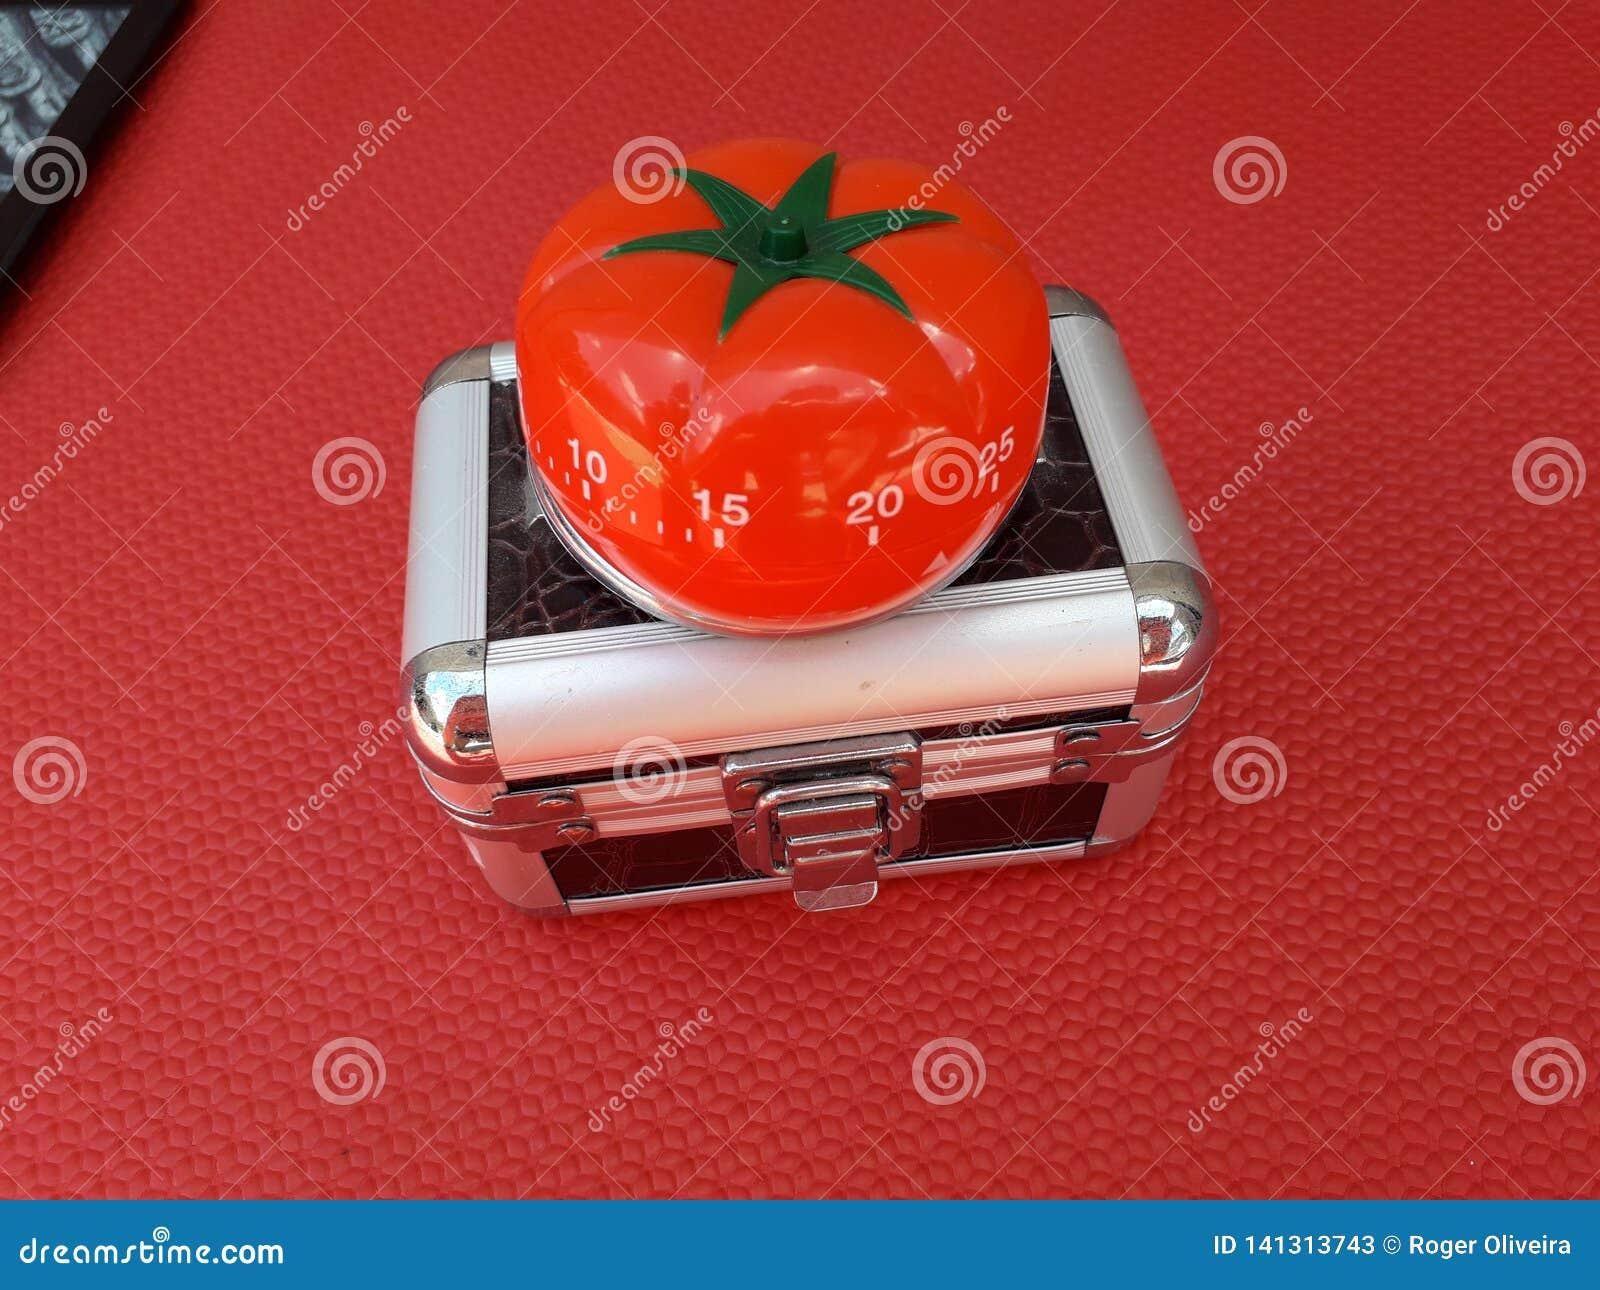 Pomodorotijdopnemer - mechanische tomaat gevormde keukentijdopnemer voor het koken of het bestuderen